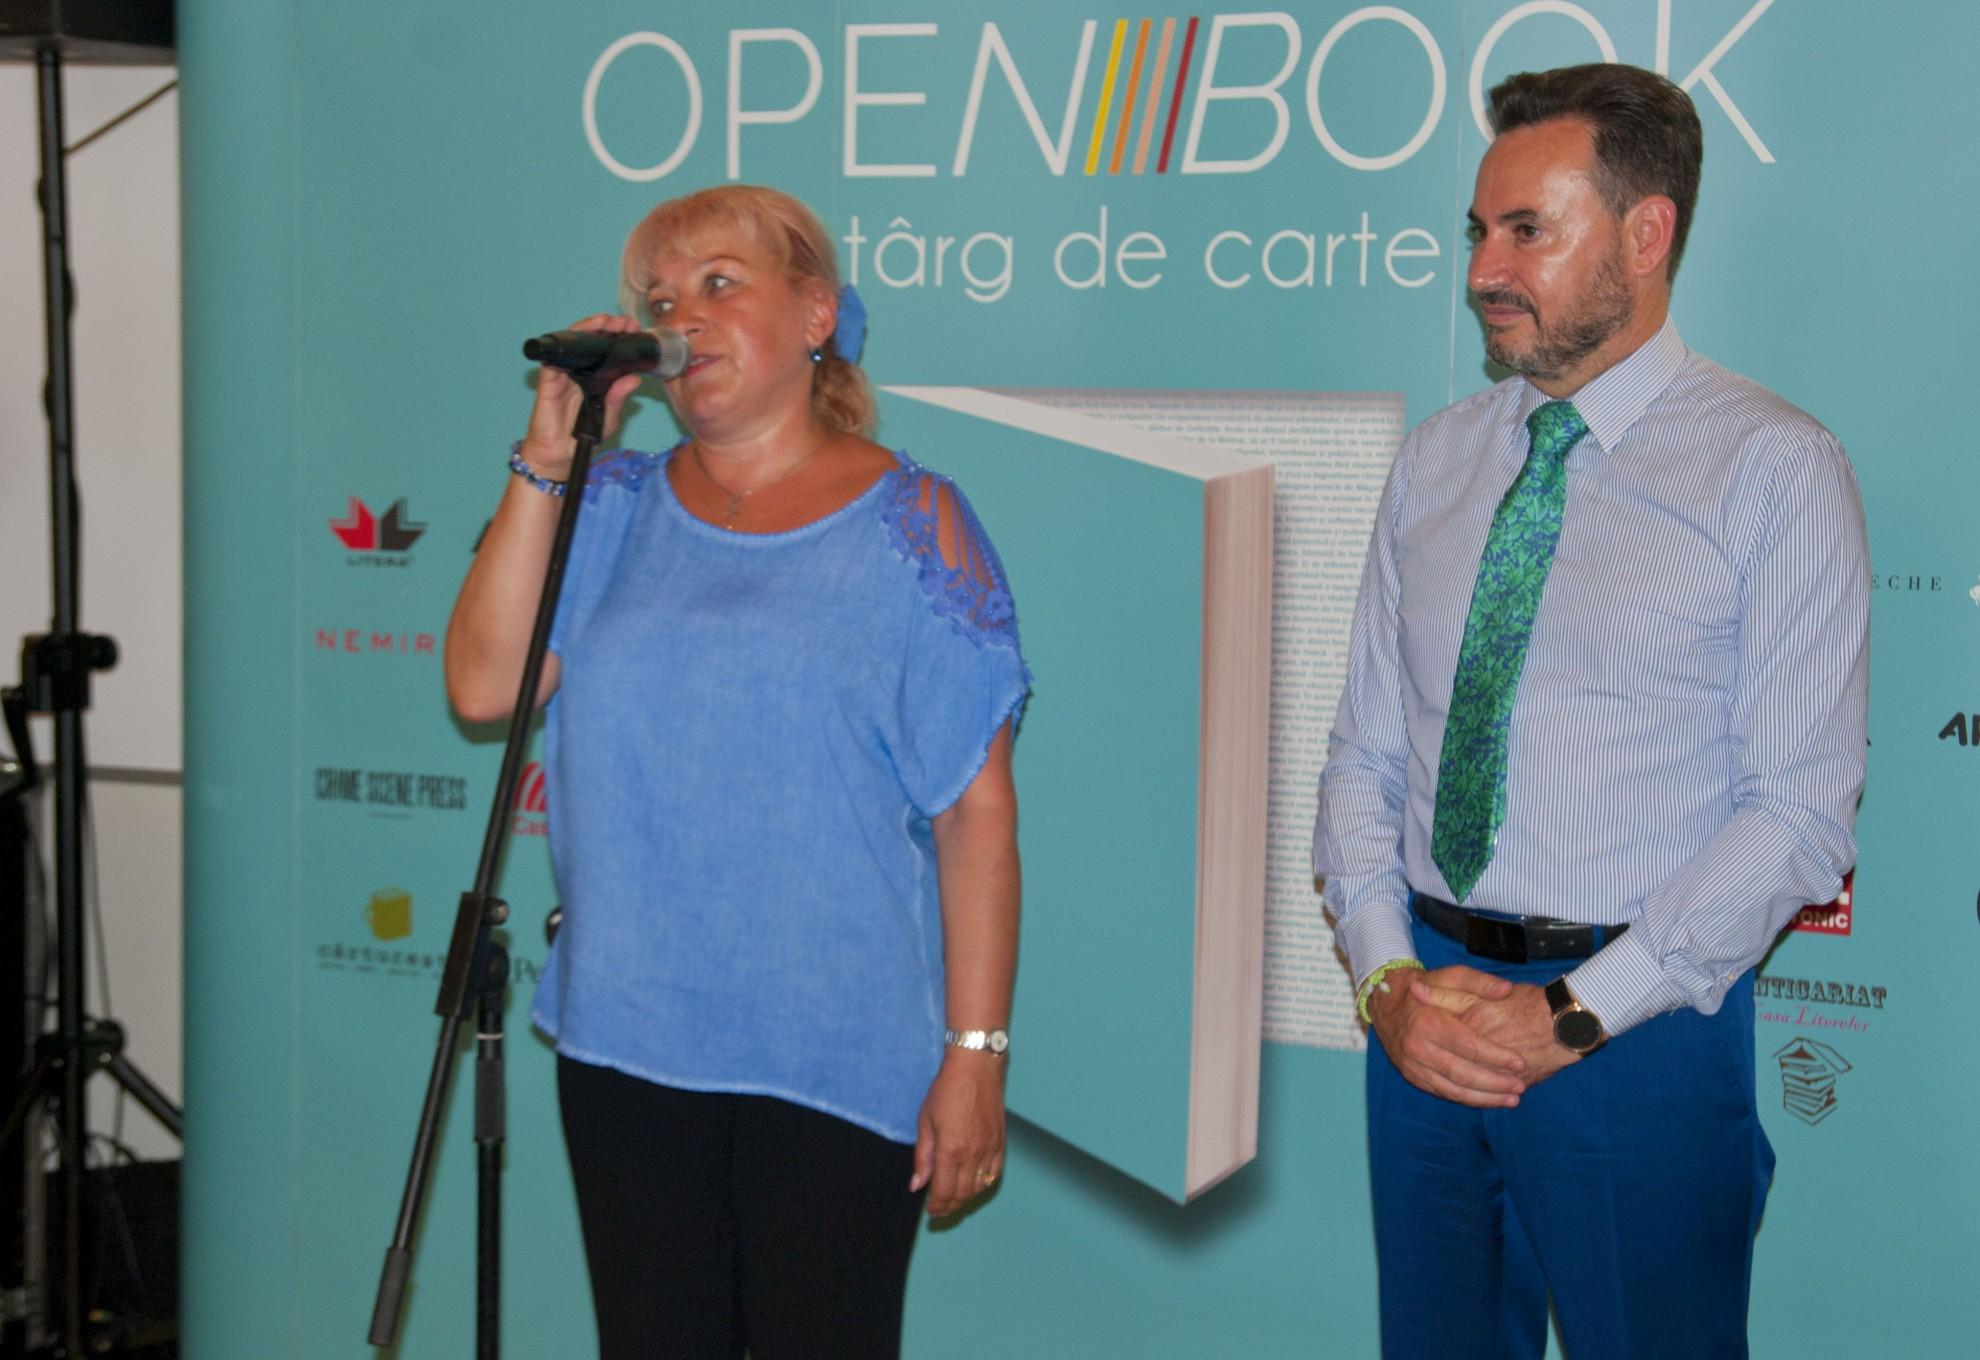 """S-a deschis prima ediție a Târgul de carte în aer liber de la Arad """"Open Book"""" 6-10 iunie 2018"""